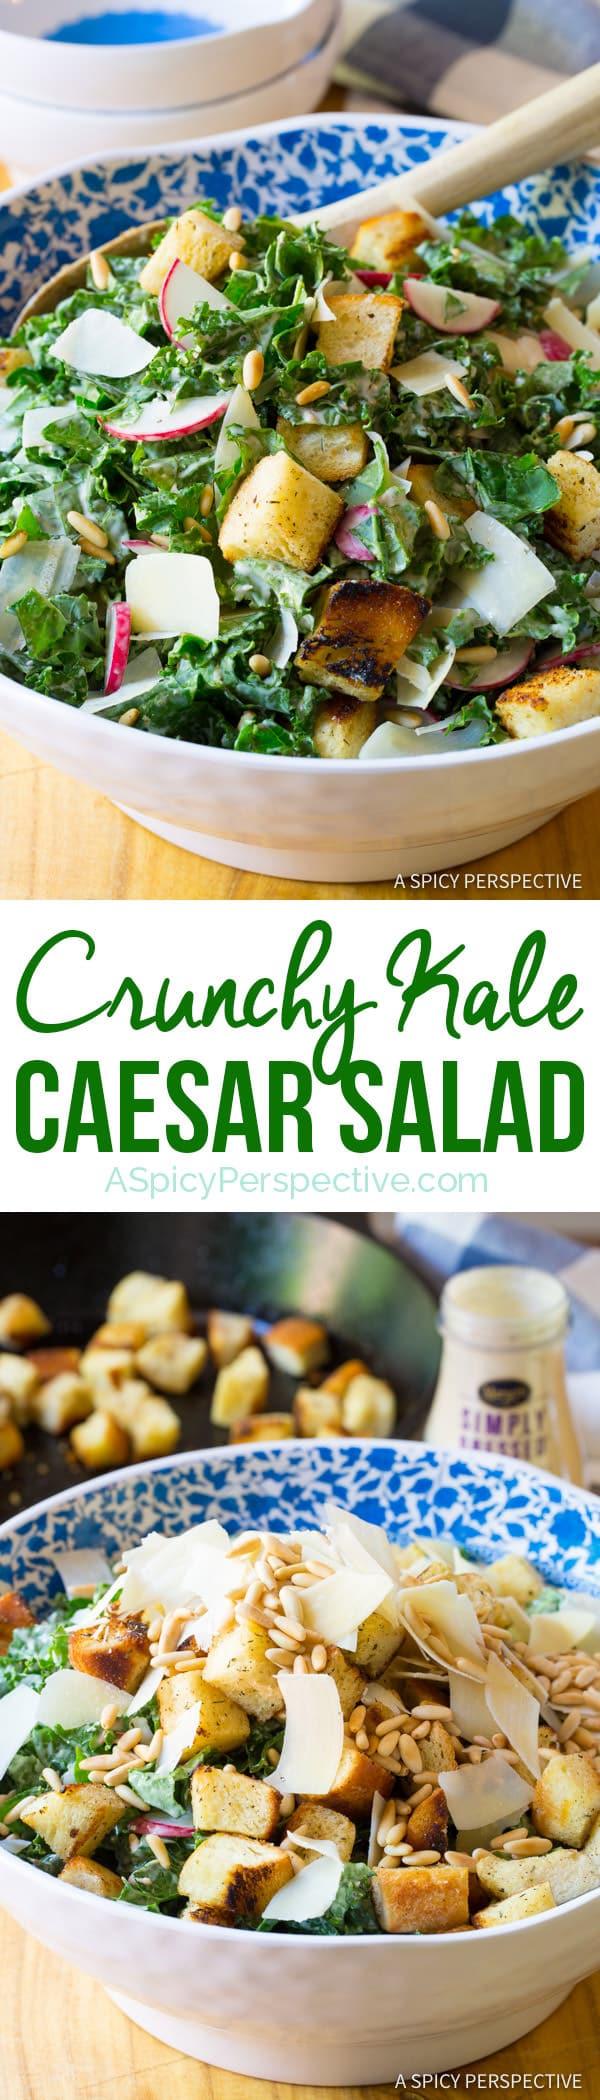 Healthy Crunchy Kale Caesar Salad Recipe   ASpicyPerspective.com